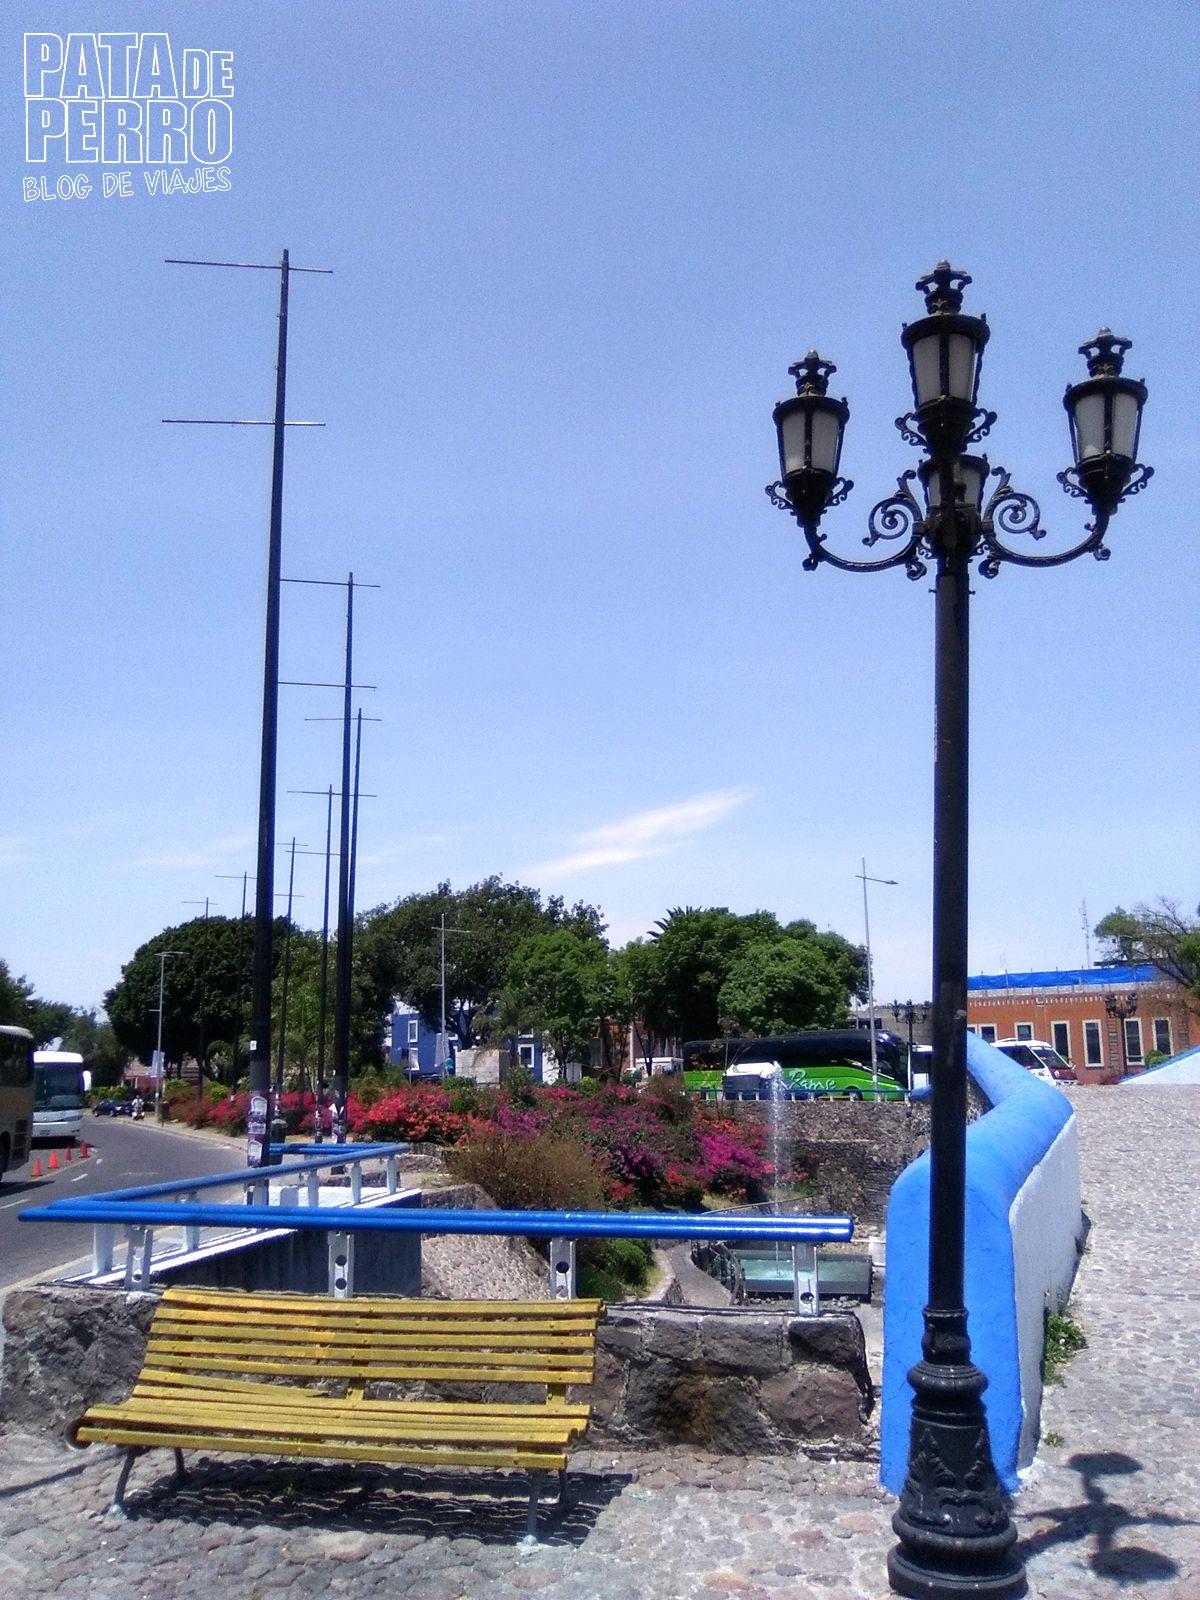 secretos de puebla puente de ovando pata de perro blog de viajes mexico2